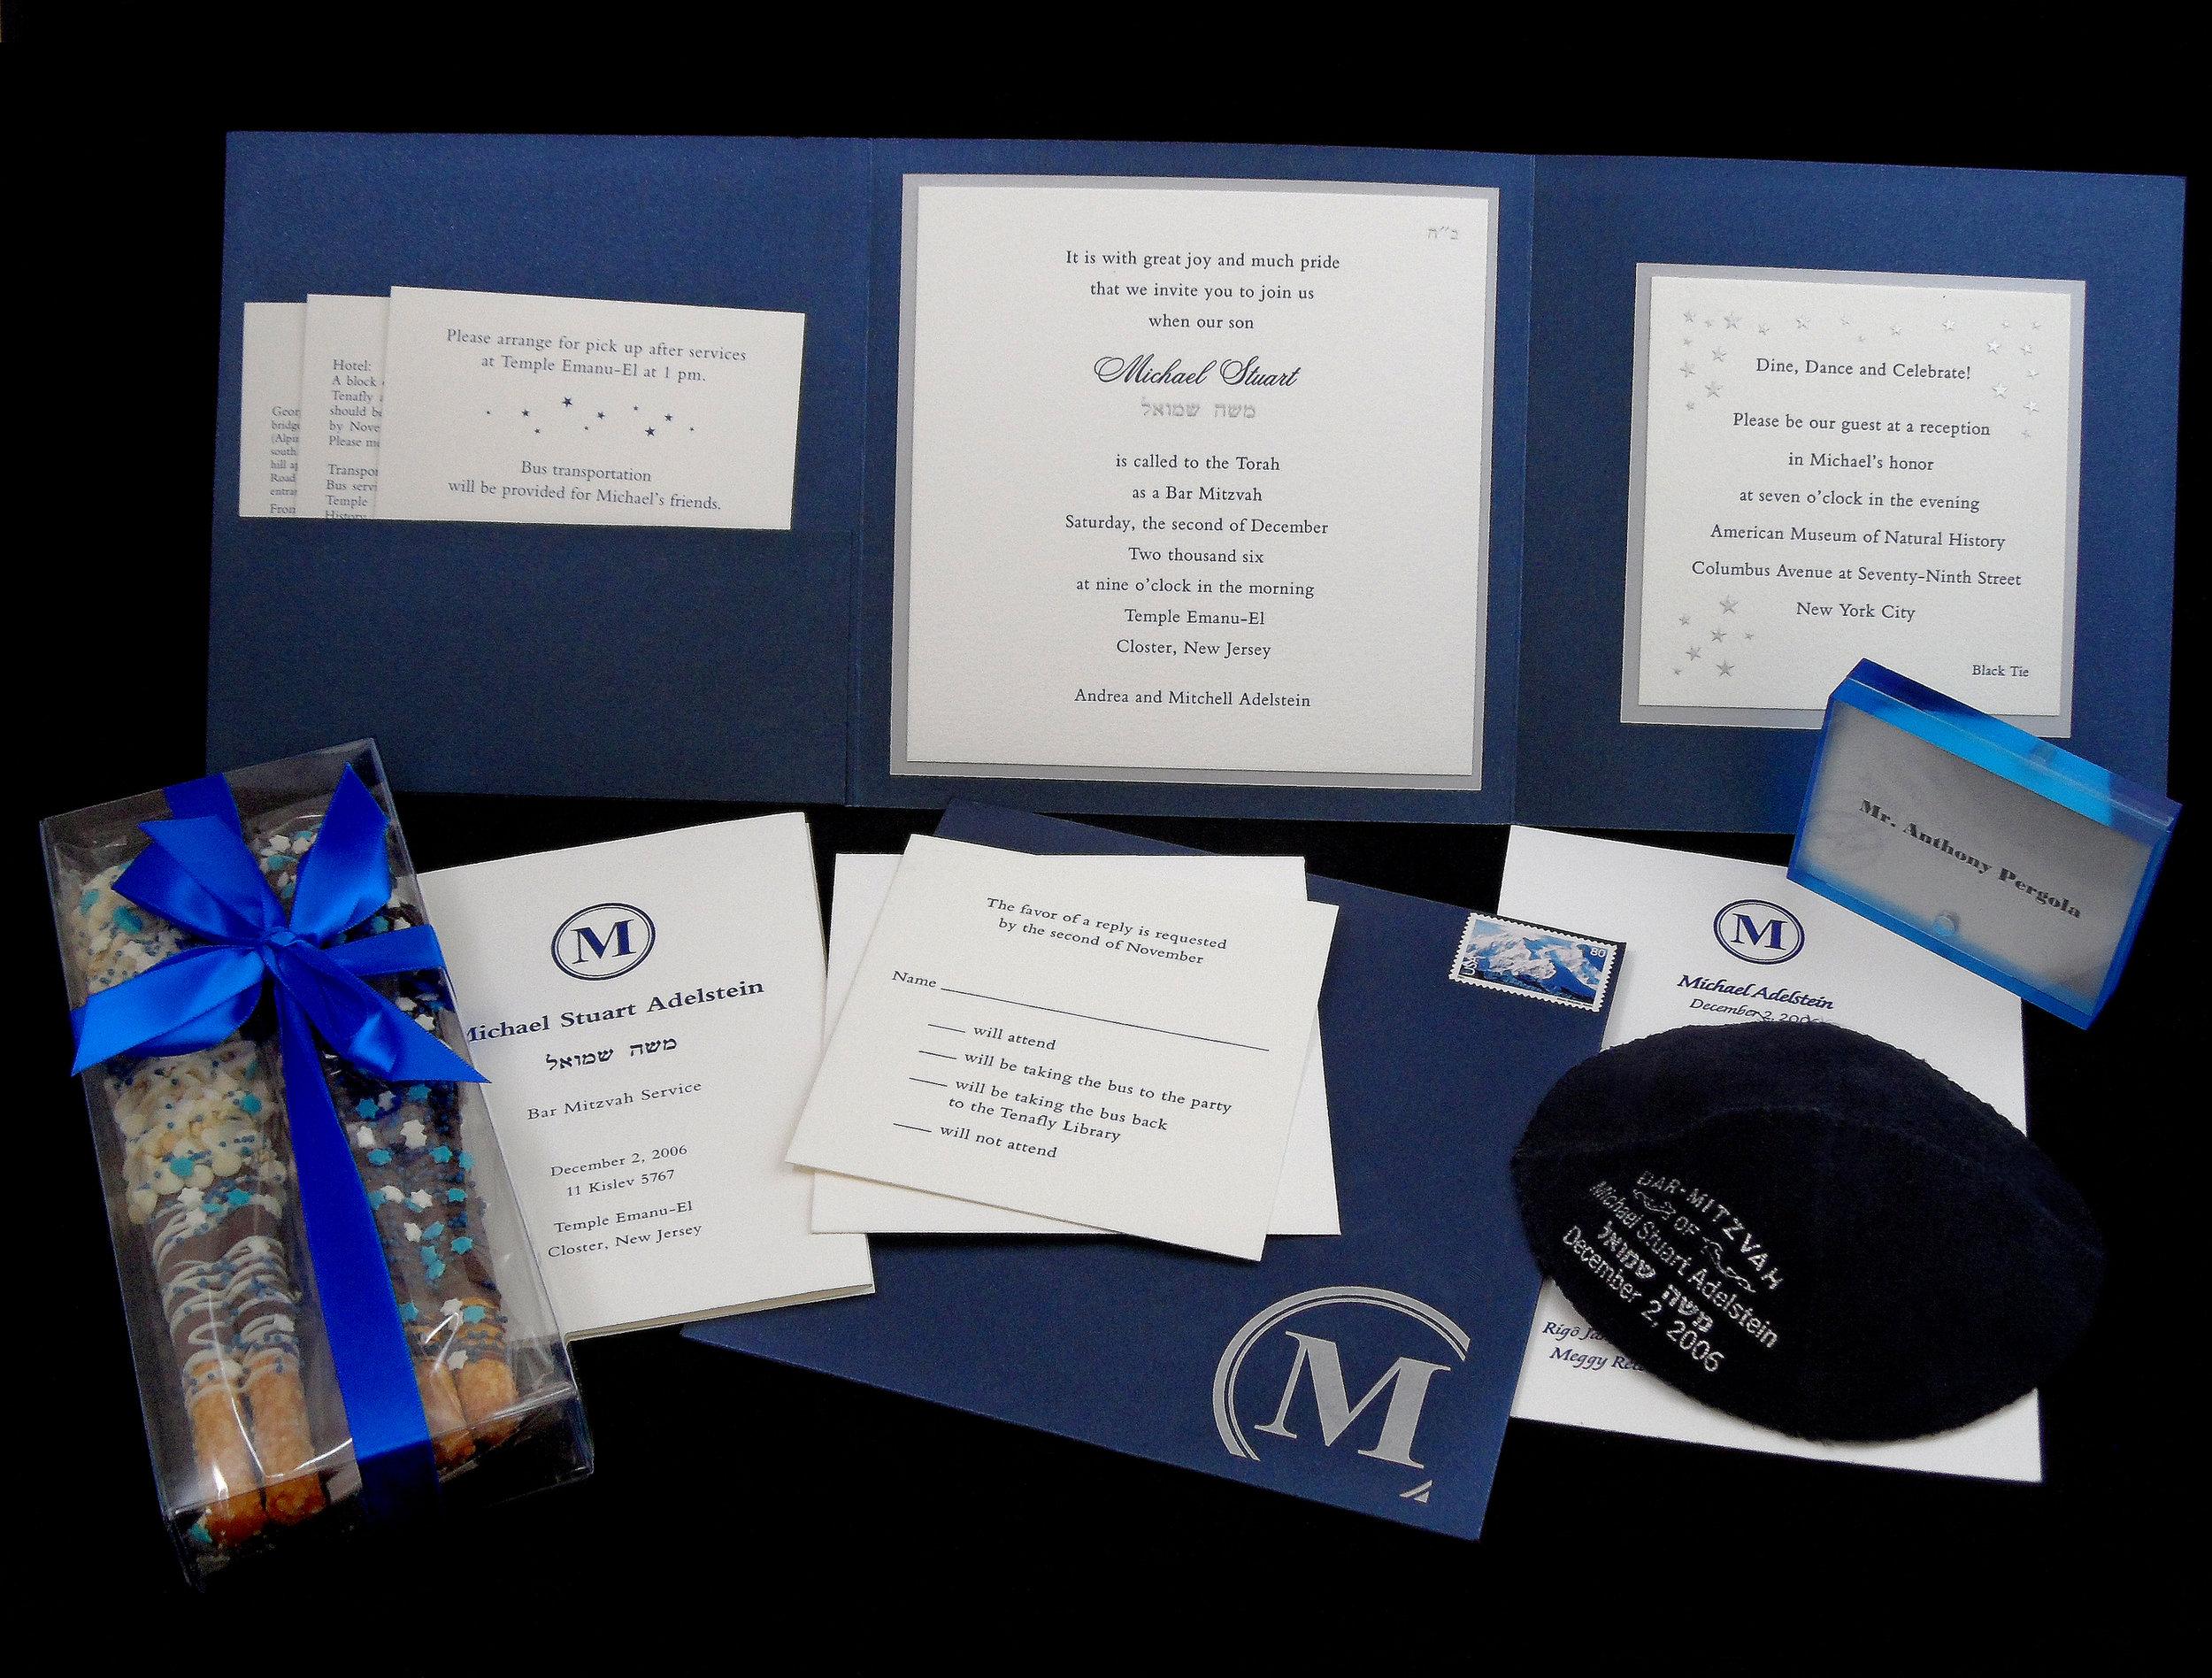 Mikes invite 2.jpg